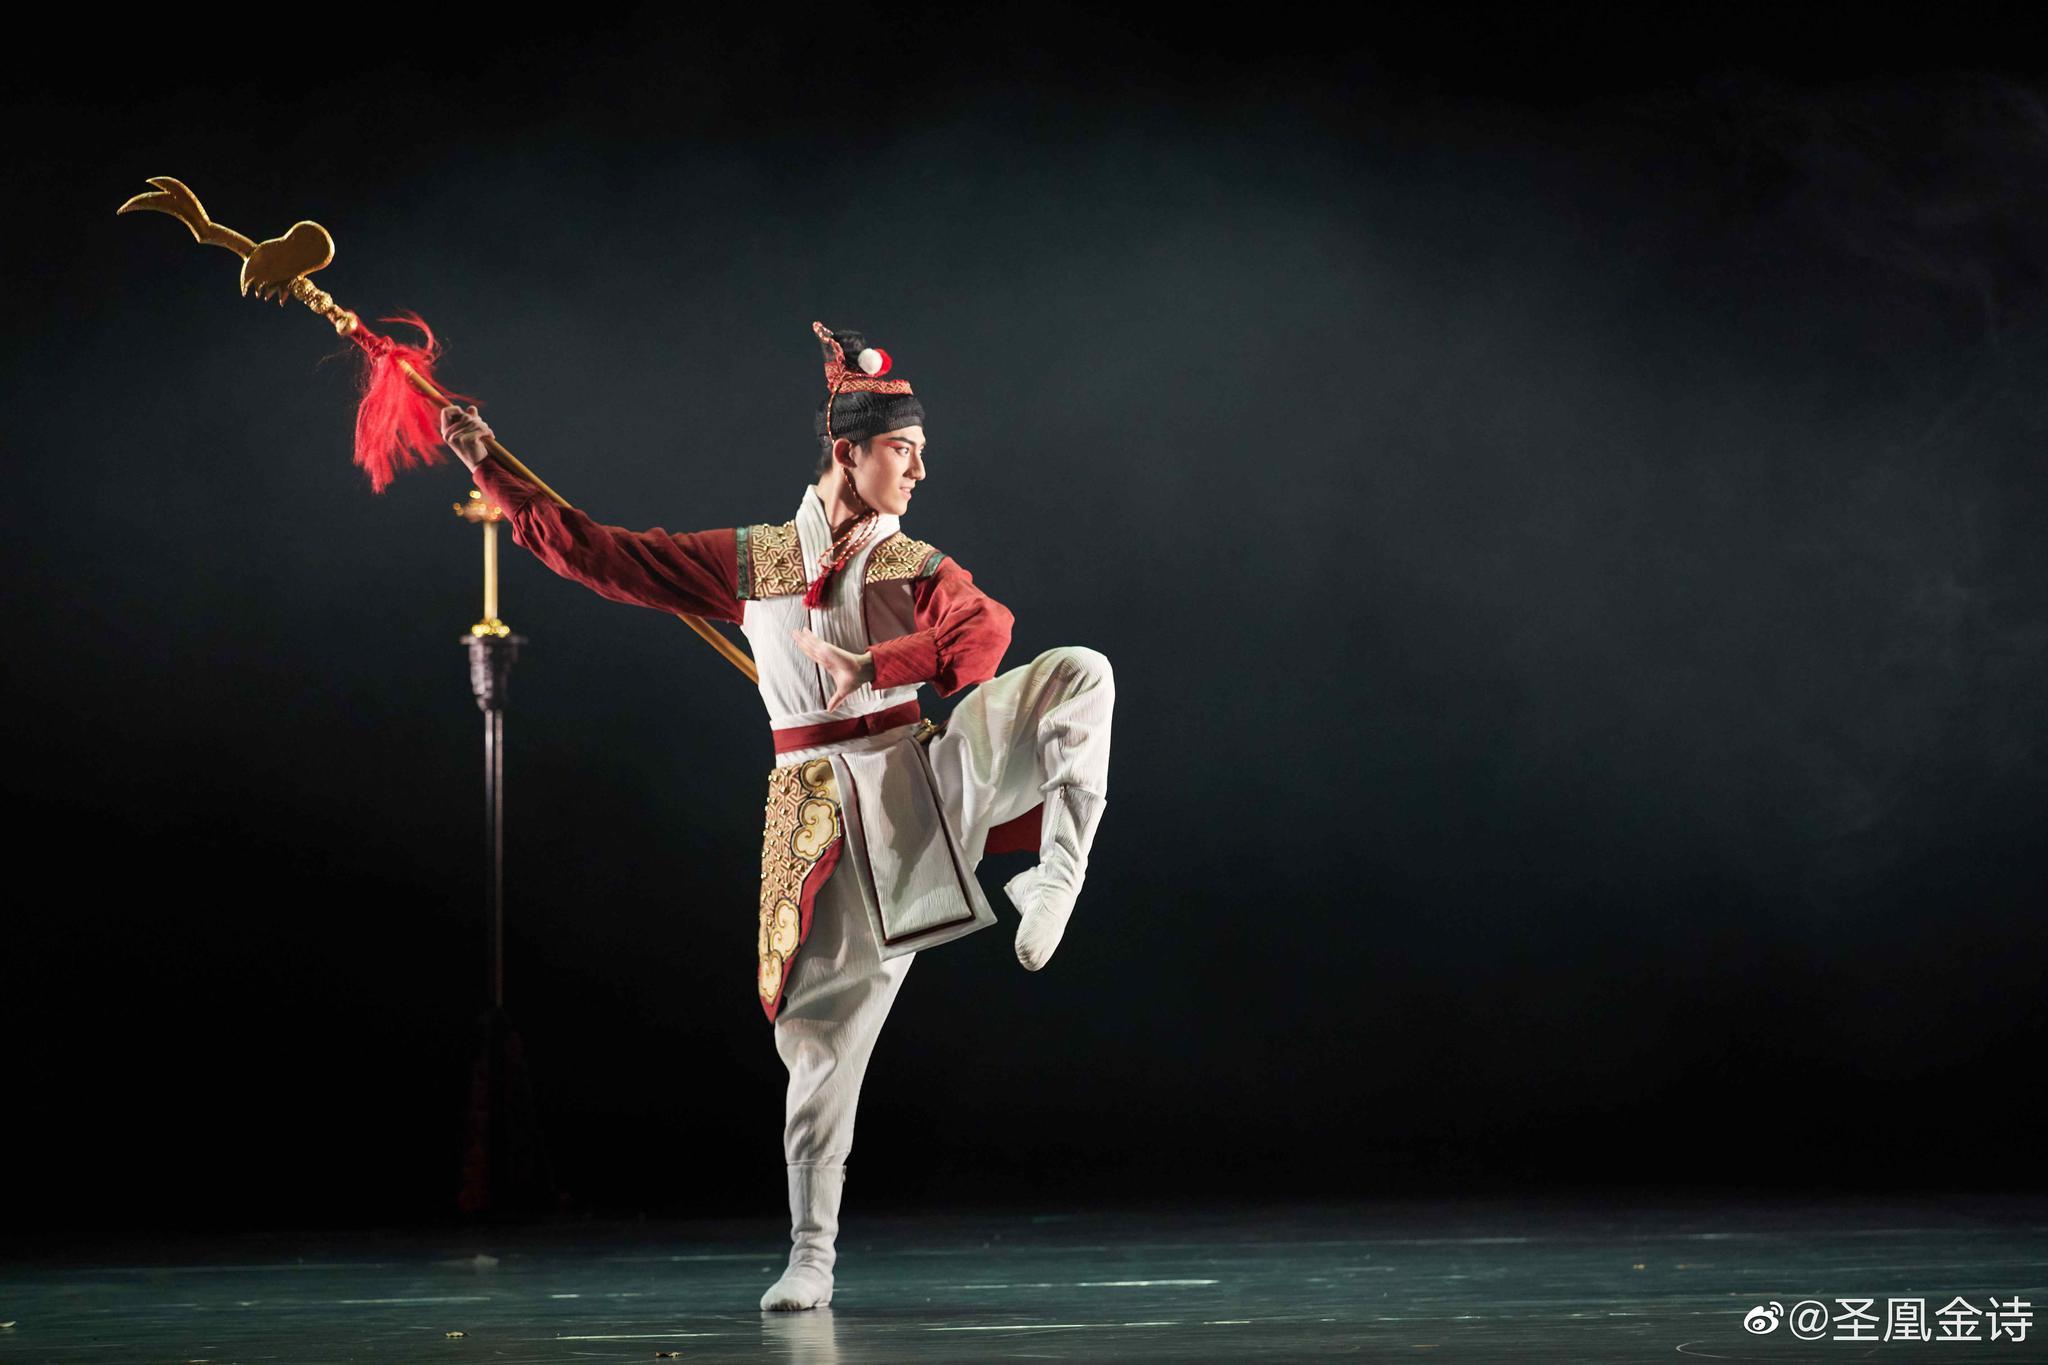 圣凰金诗 | @赵文浩WH 中央戏剧学院舞剧系毕业大戏 | 《宝莲灯》